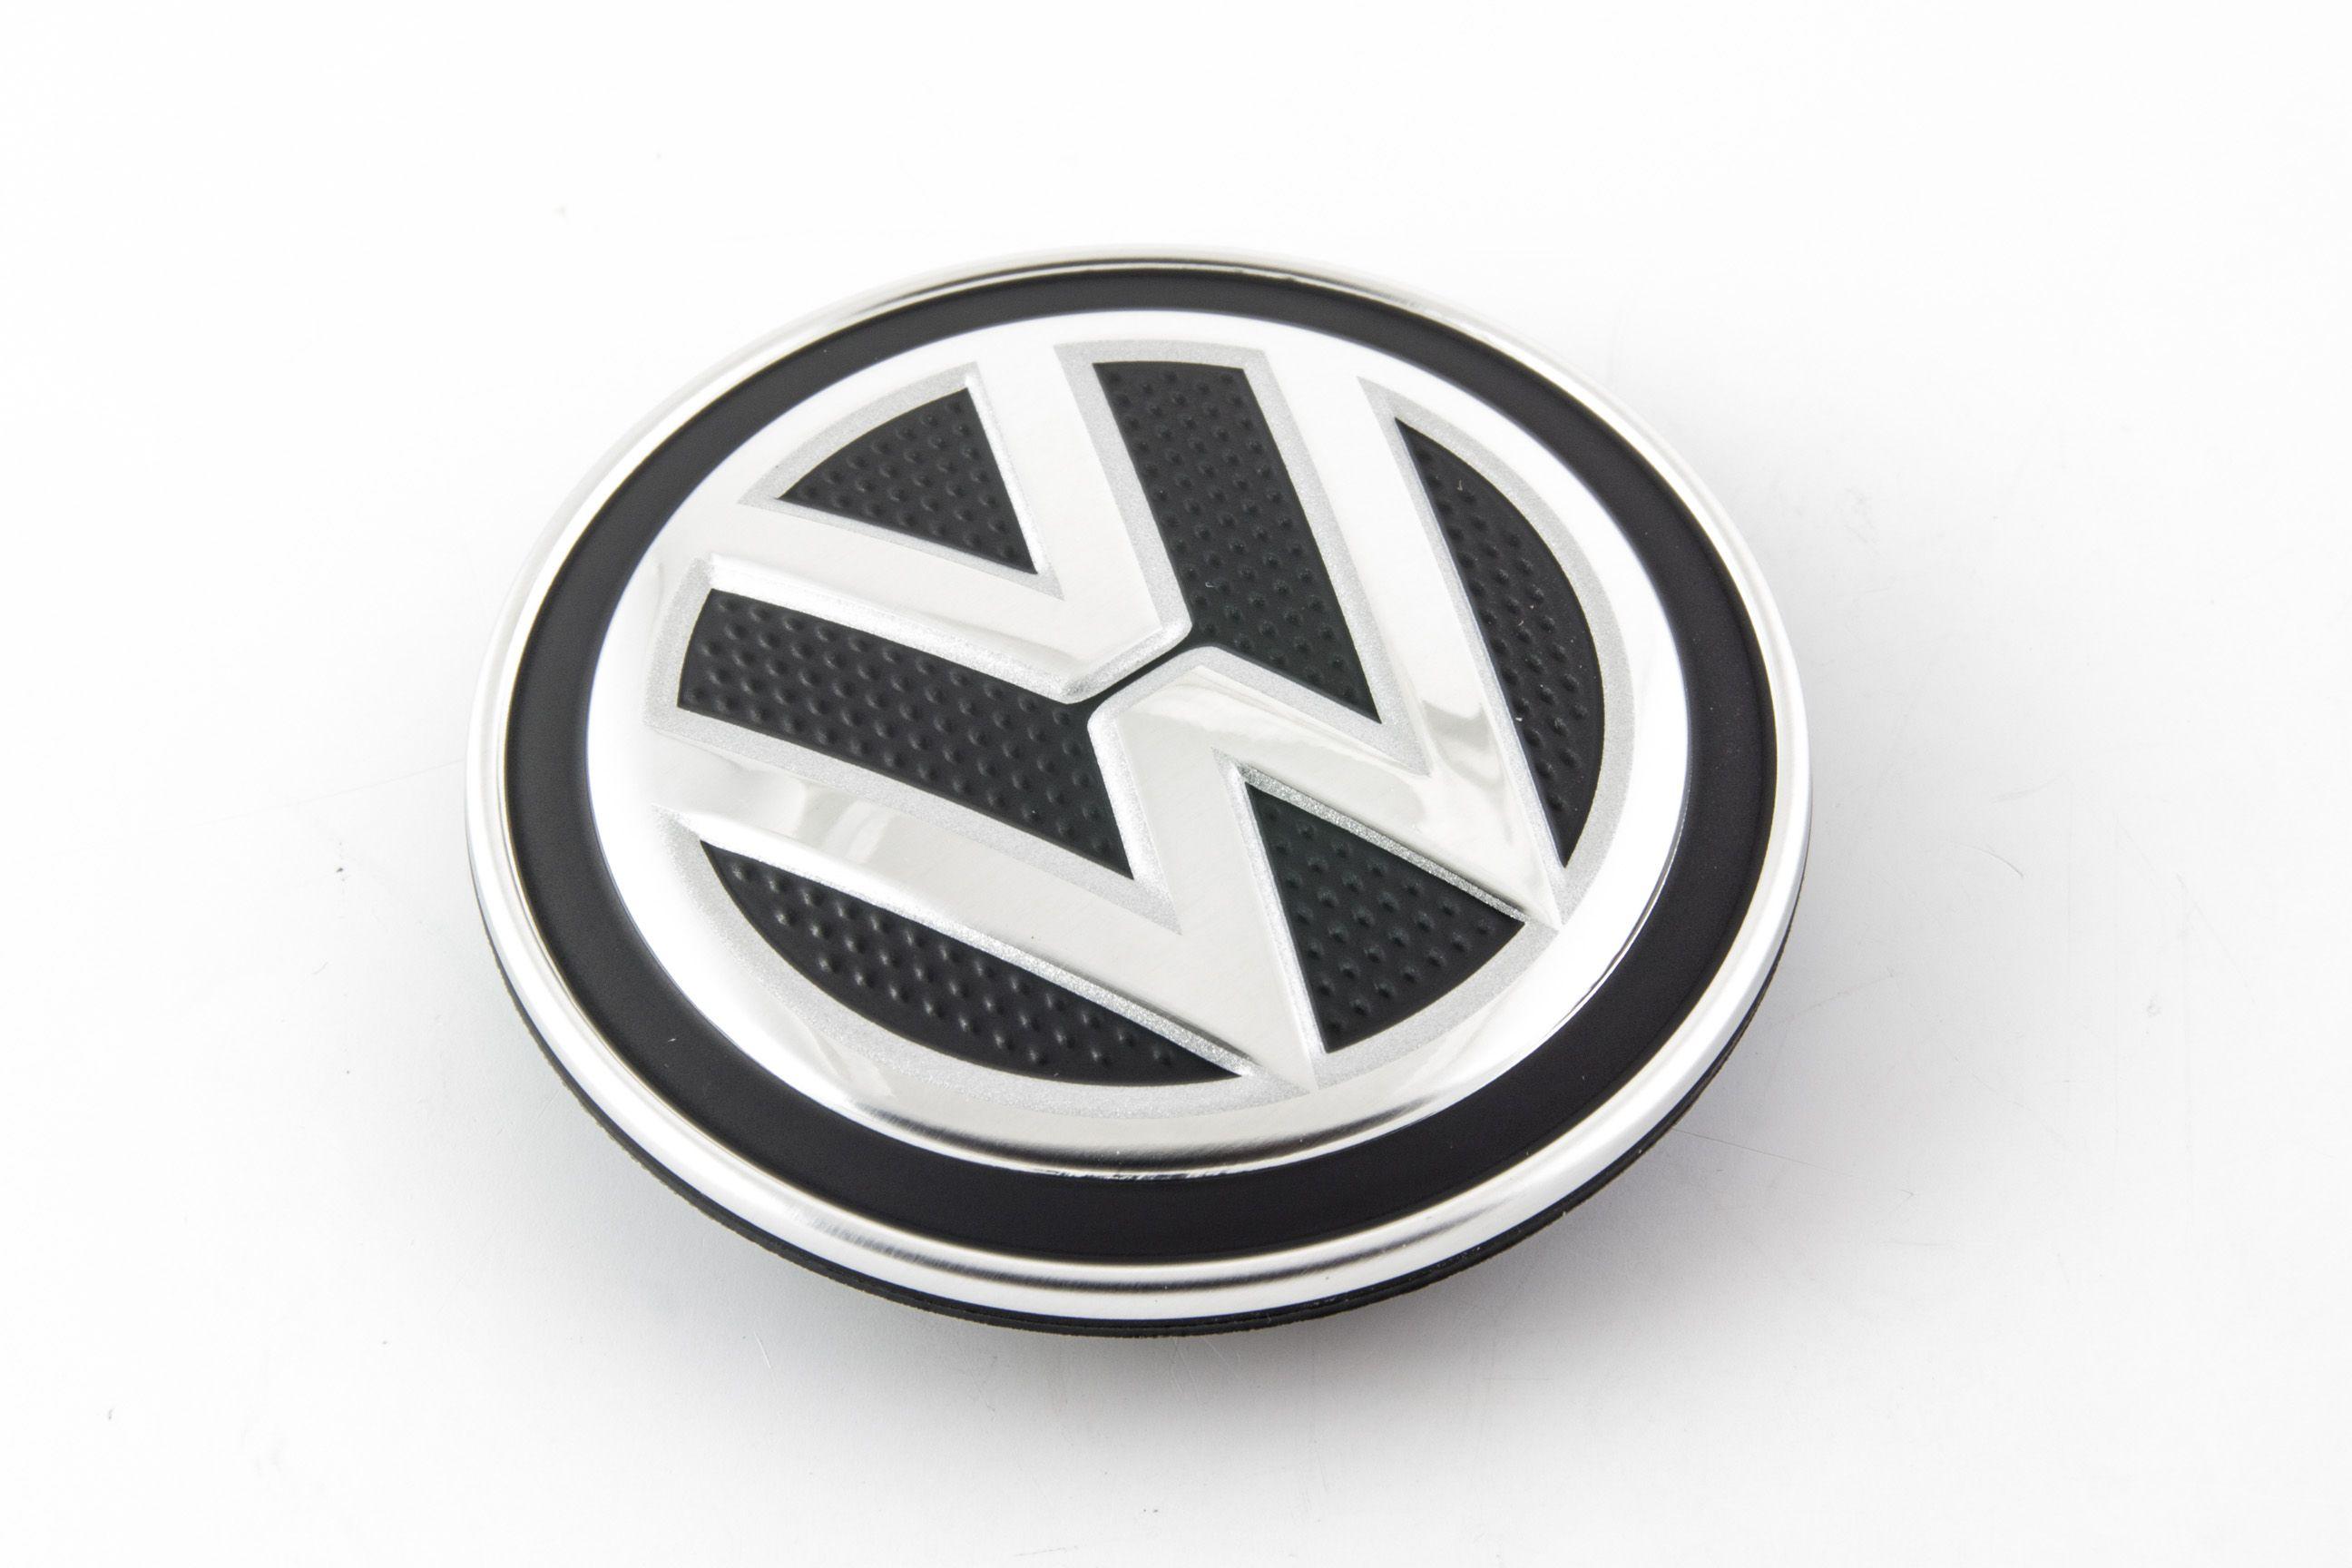 Volkswagen Naafdop 66mm 5G0601171 XQI